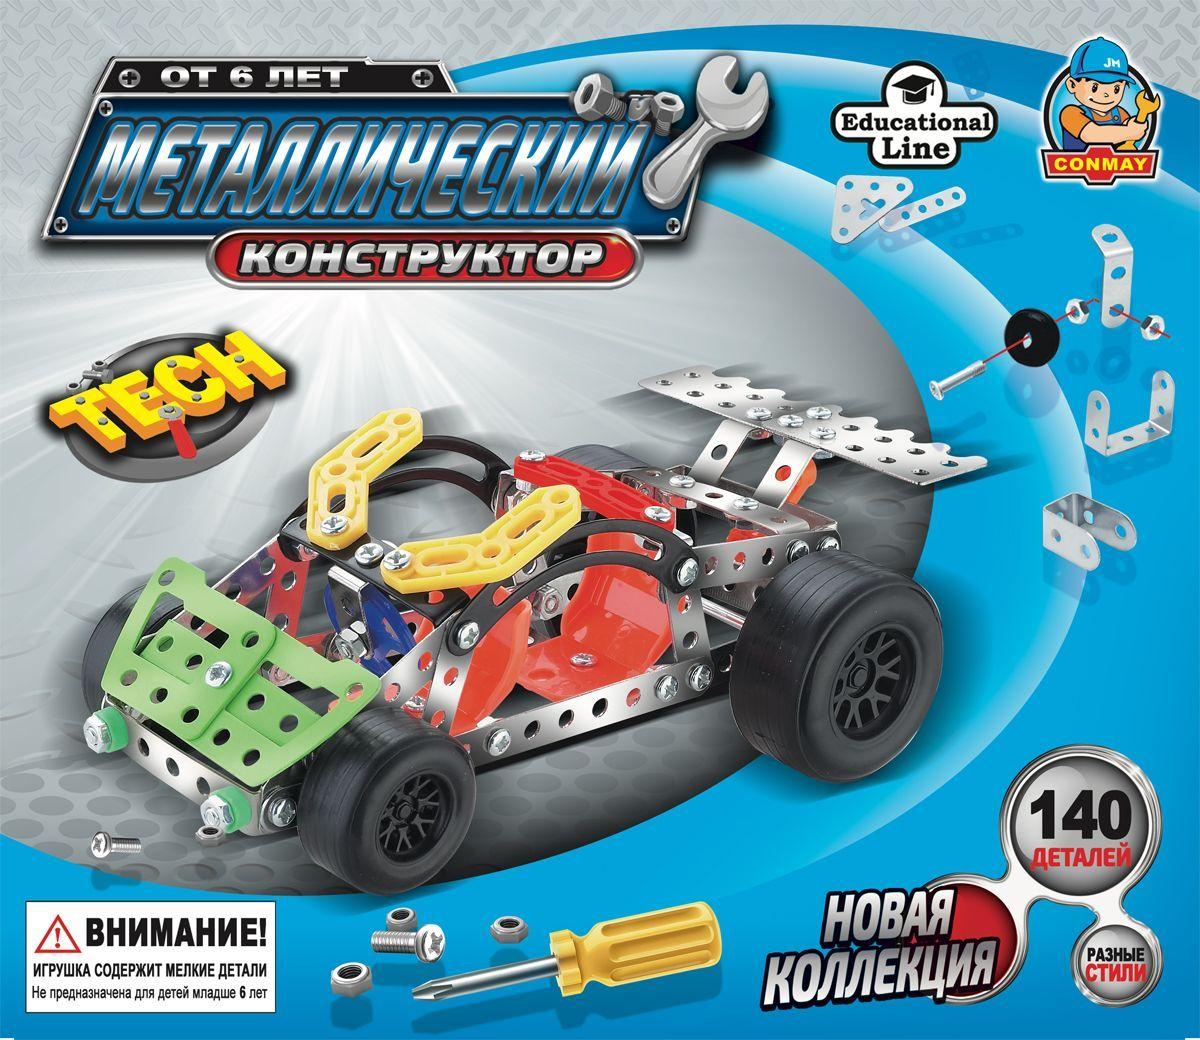 Склад уникальных товаров Конструктор S3 Машинка L